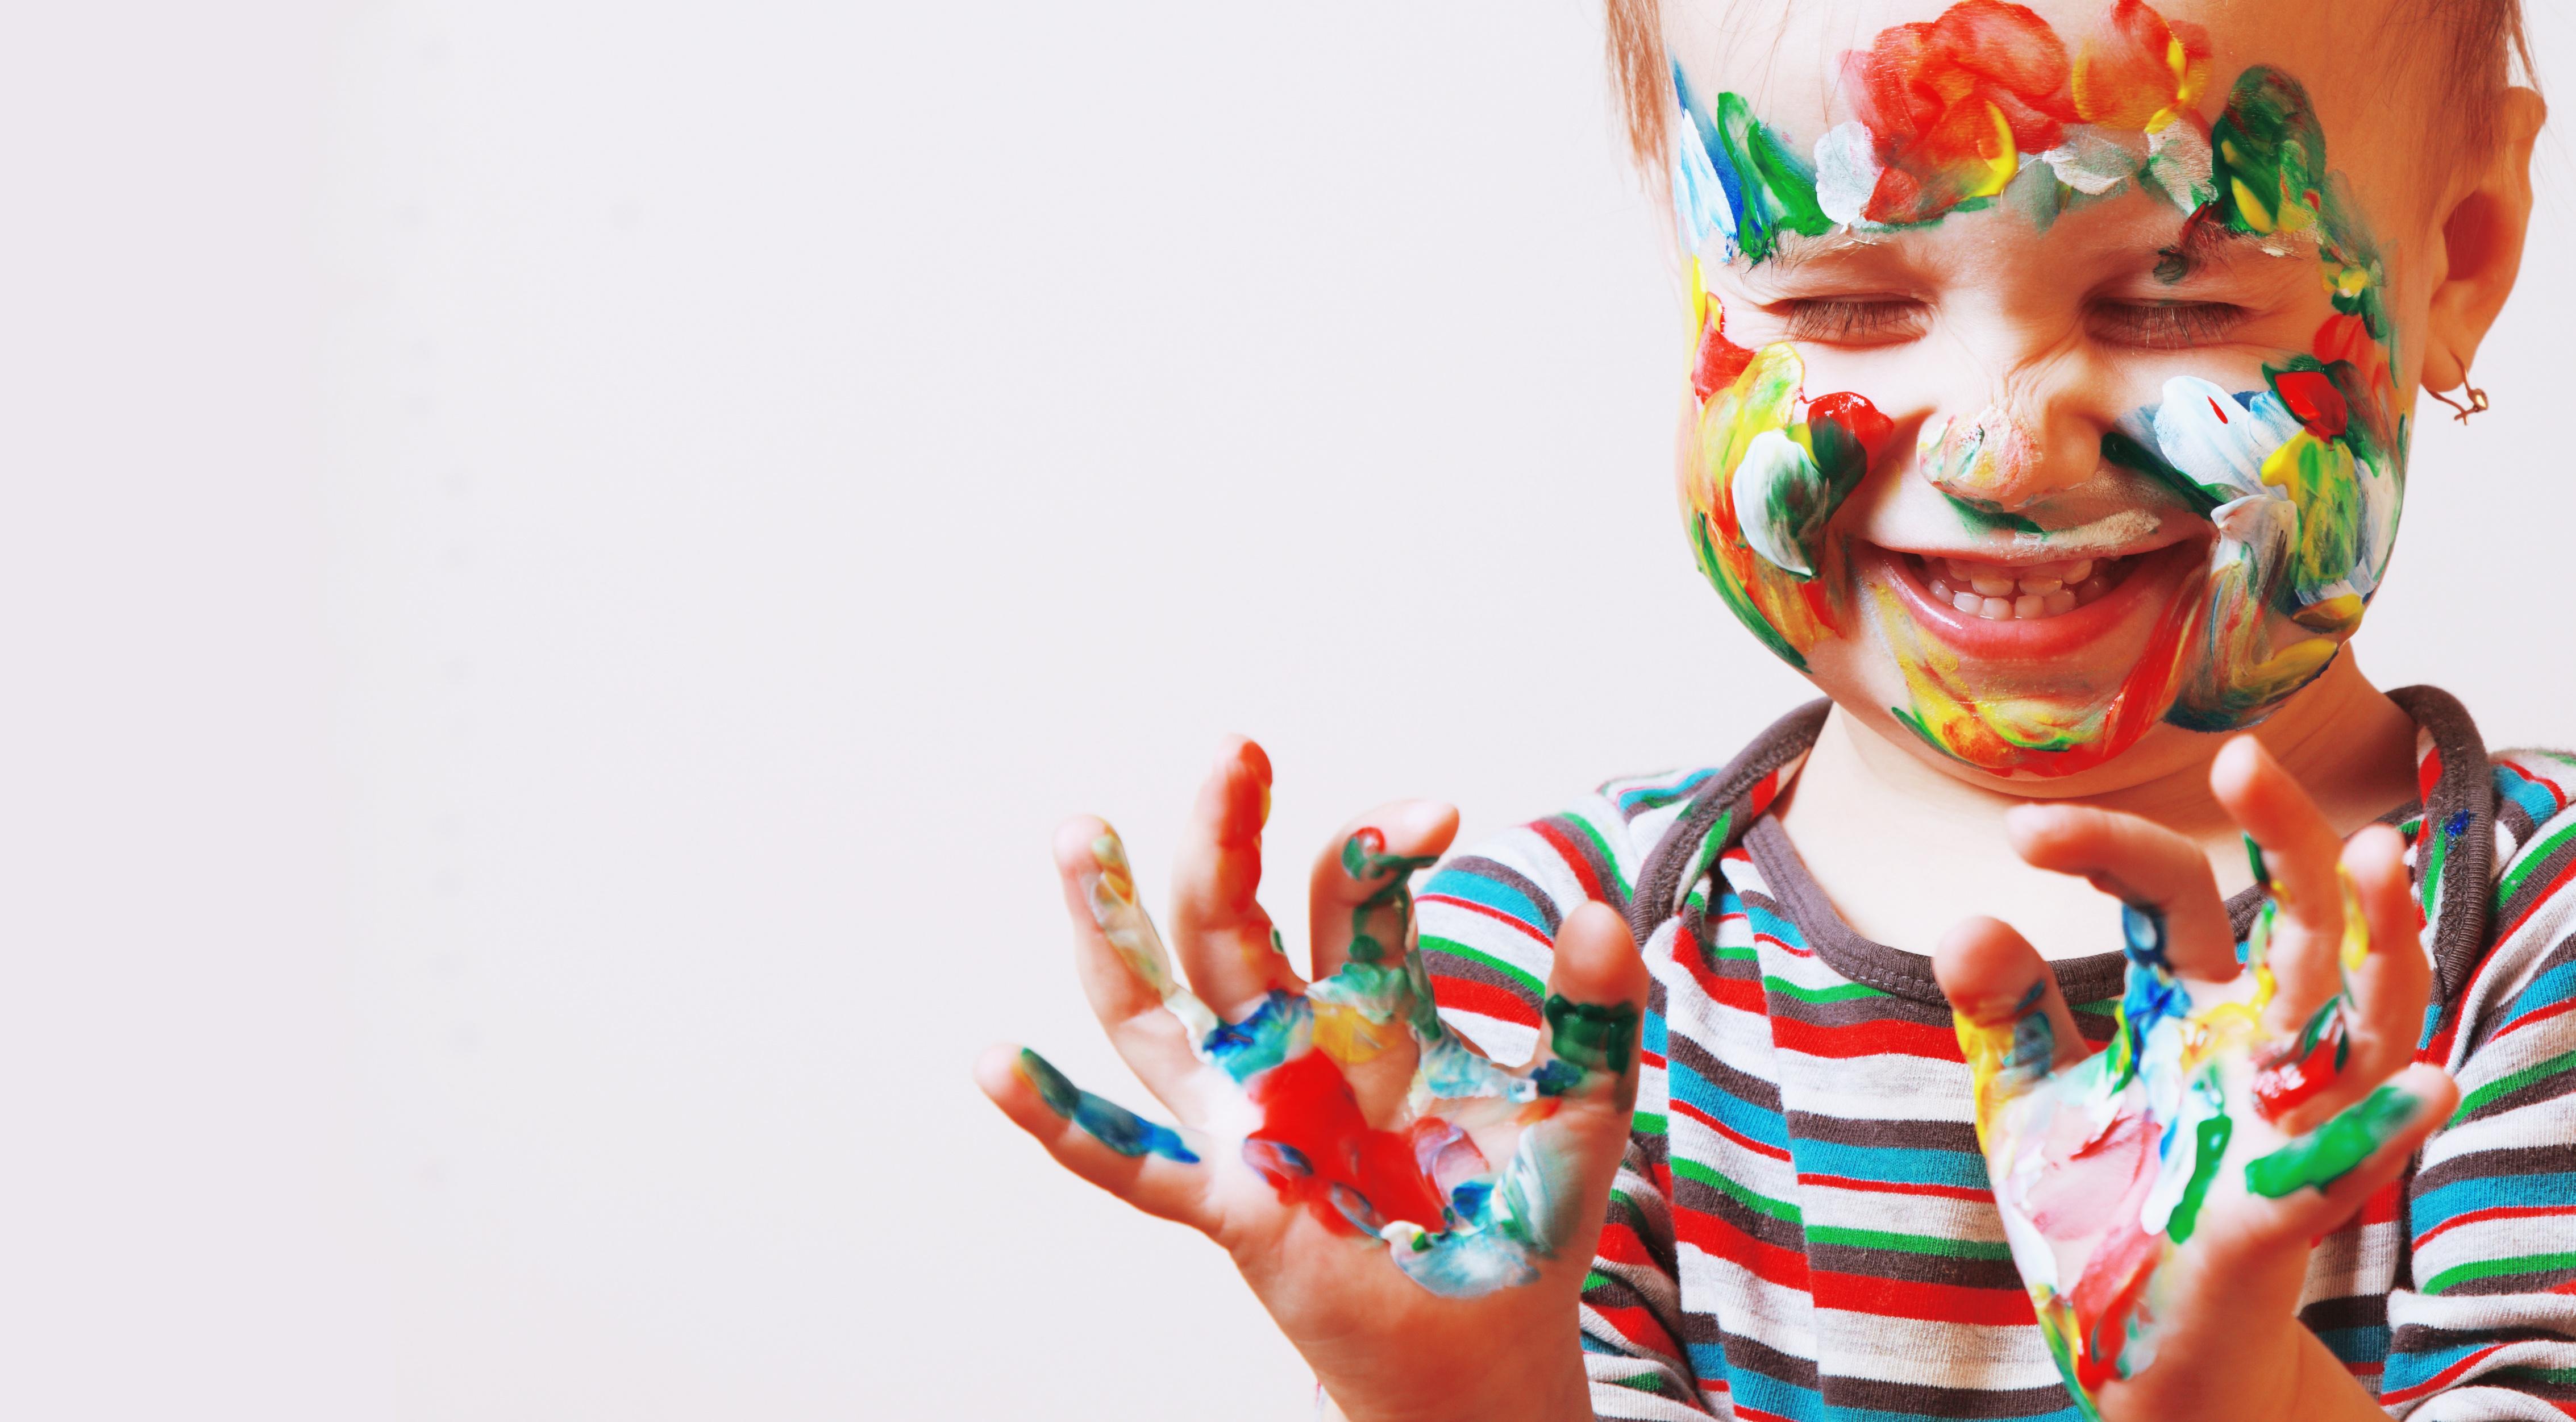 Ανακαλύπτοντας τις τέχνες | Για παιδιά 2-4 ετών